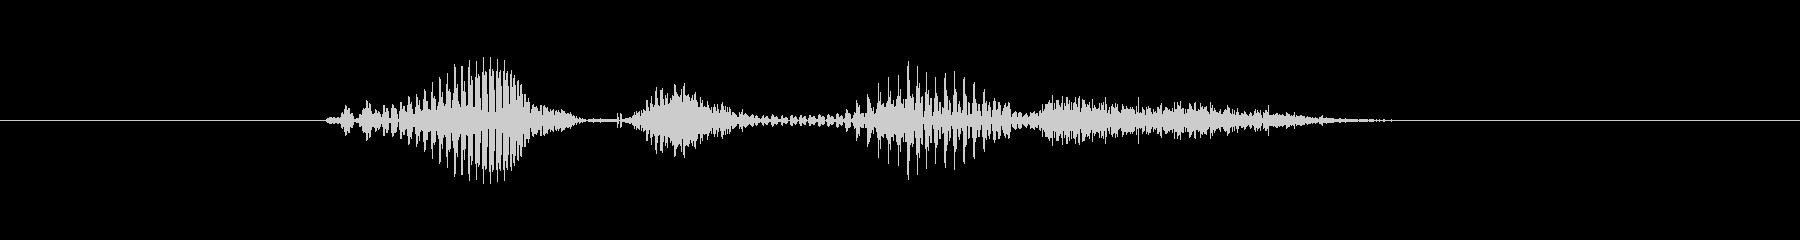 密ですの未再生の波形